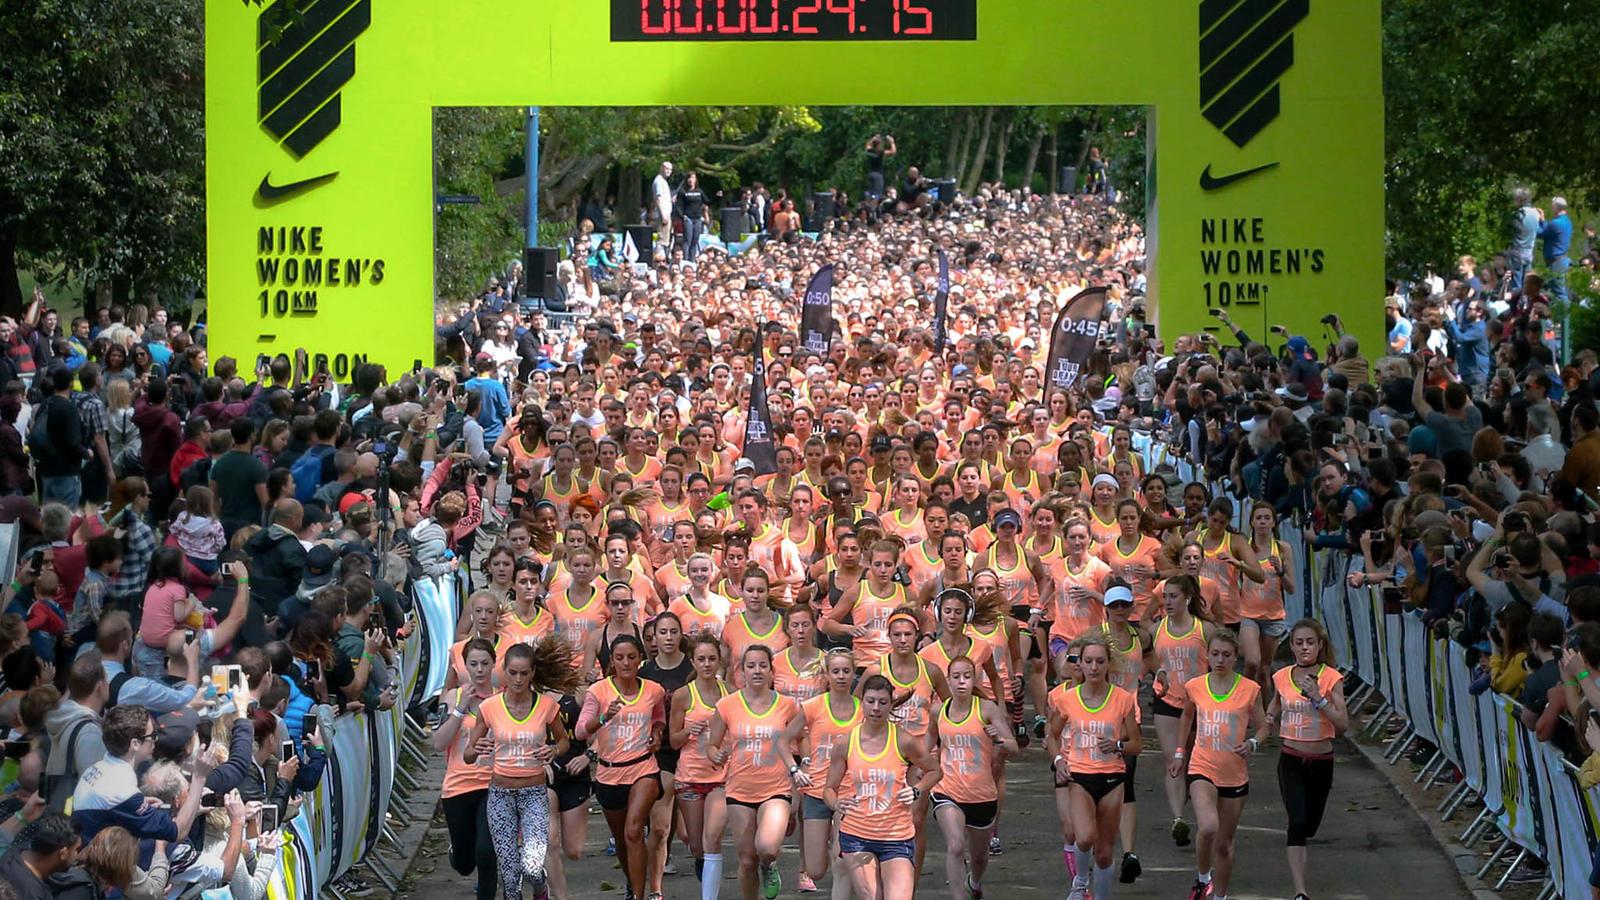 Miga, sua louca! Nike faz meia maratona e treino especial só para ...